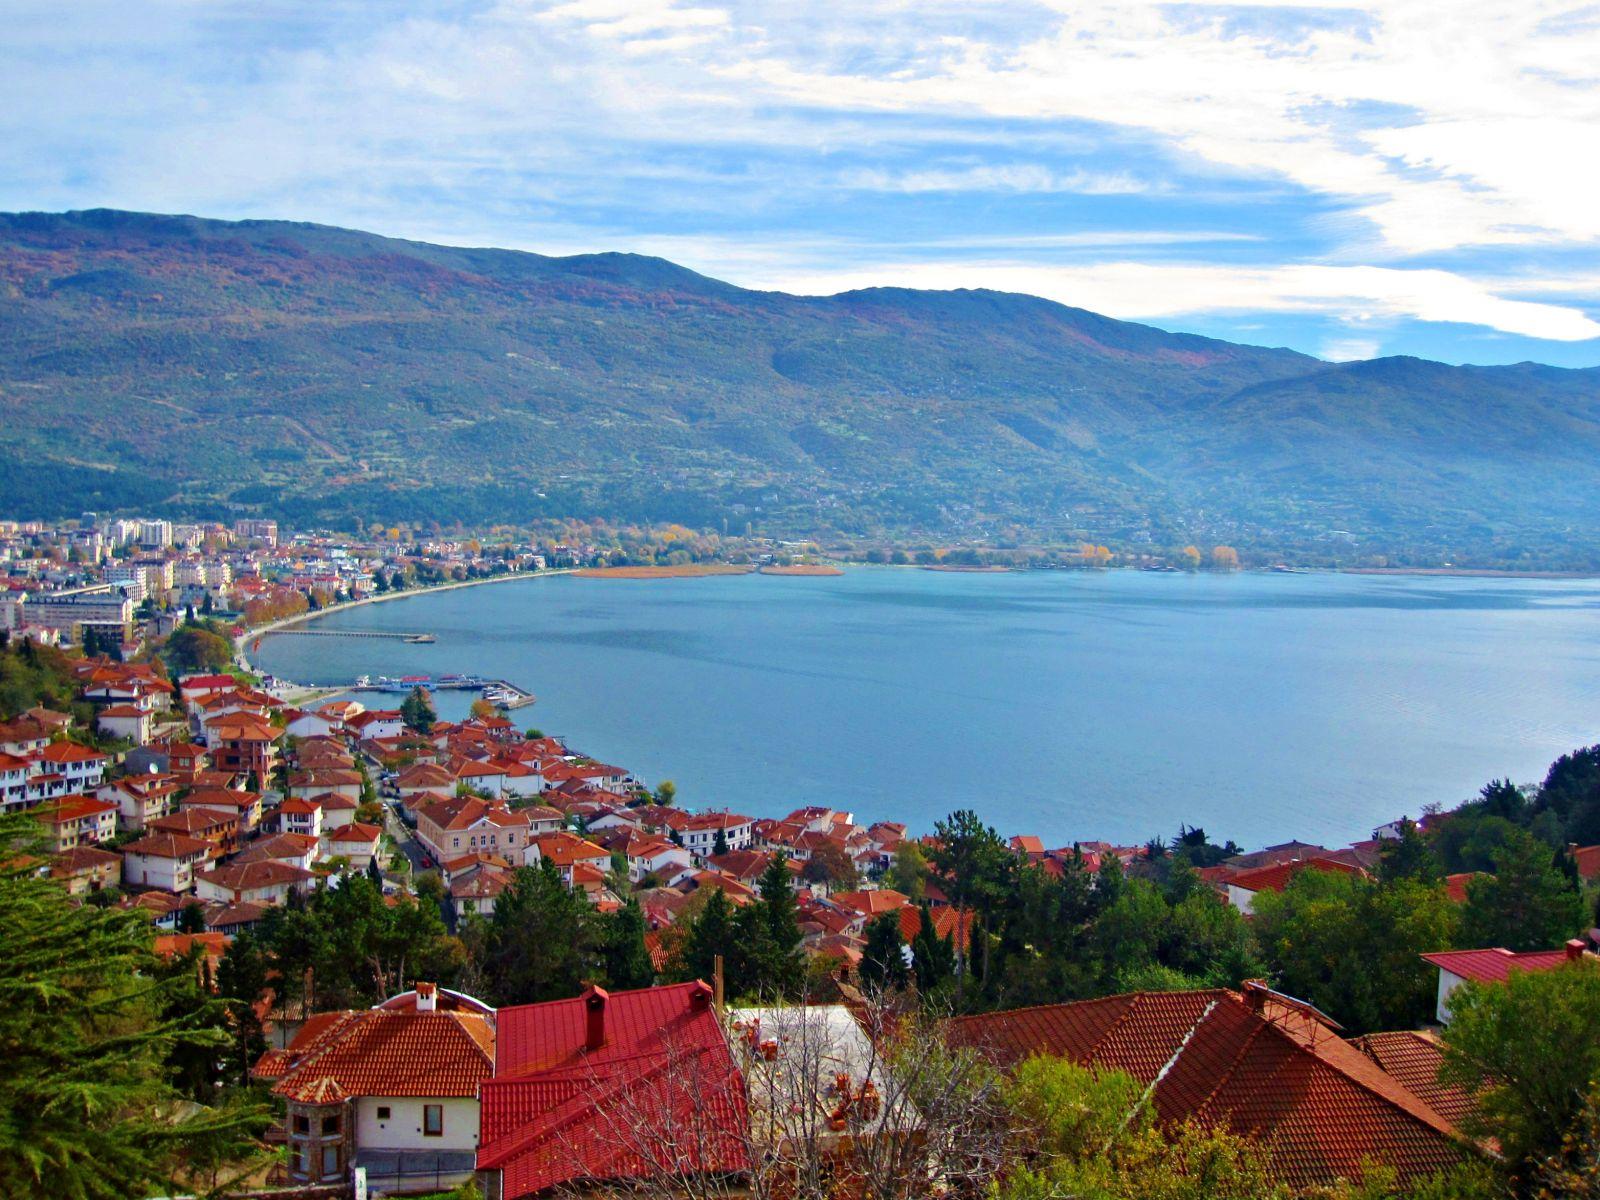 Путешествие по Балканам + отдых на море в Греции. Авторский тур за 680 евро, Туристам Коломны, Сербия Россия Греция виза автобус